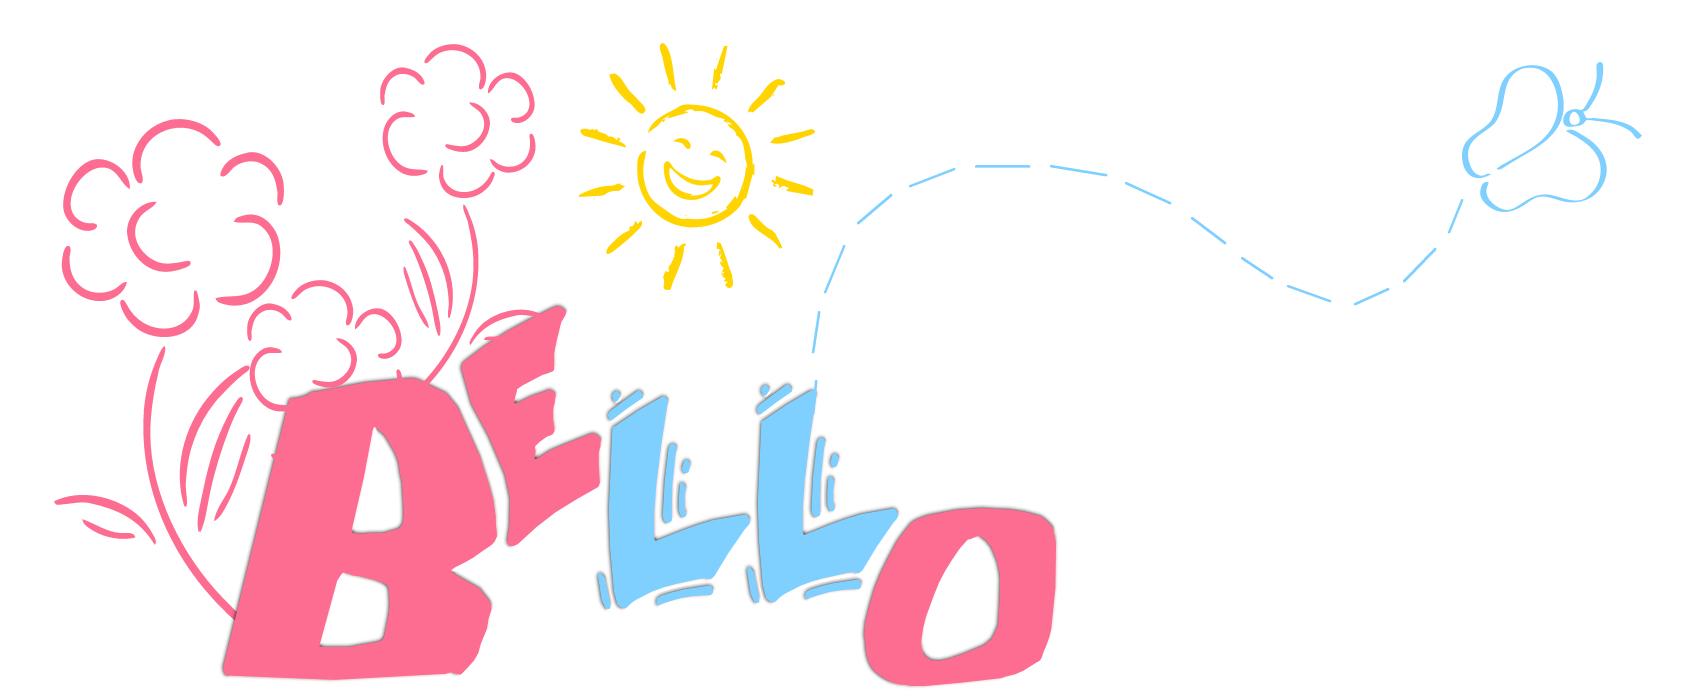 Bello24 - pościel dla niemowląt różowa